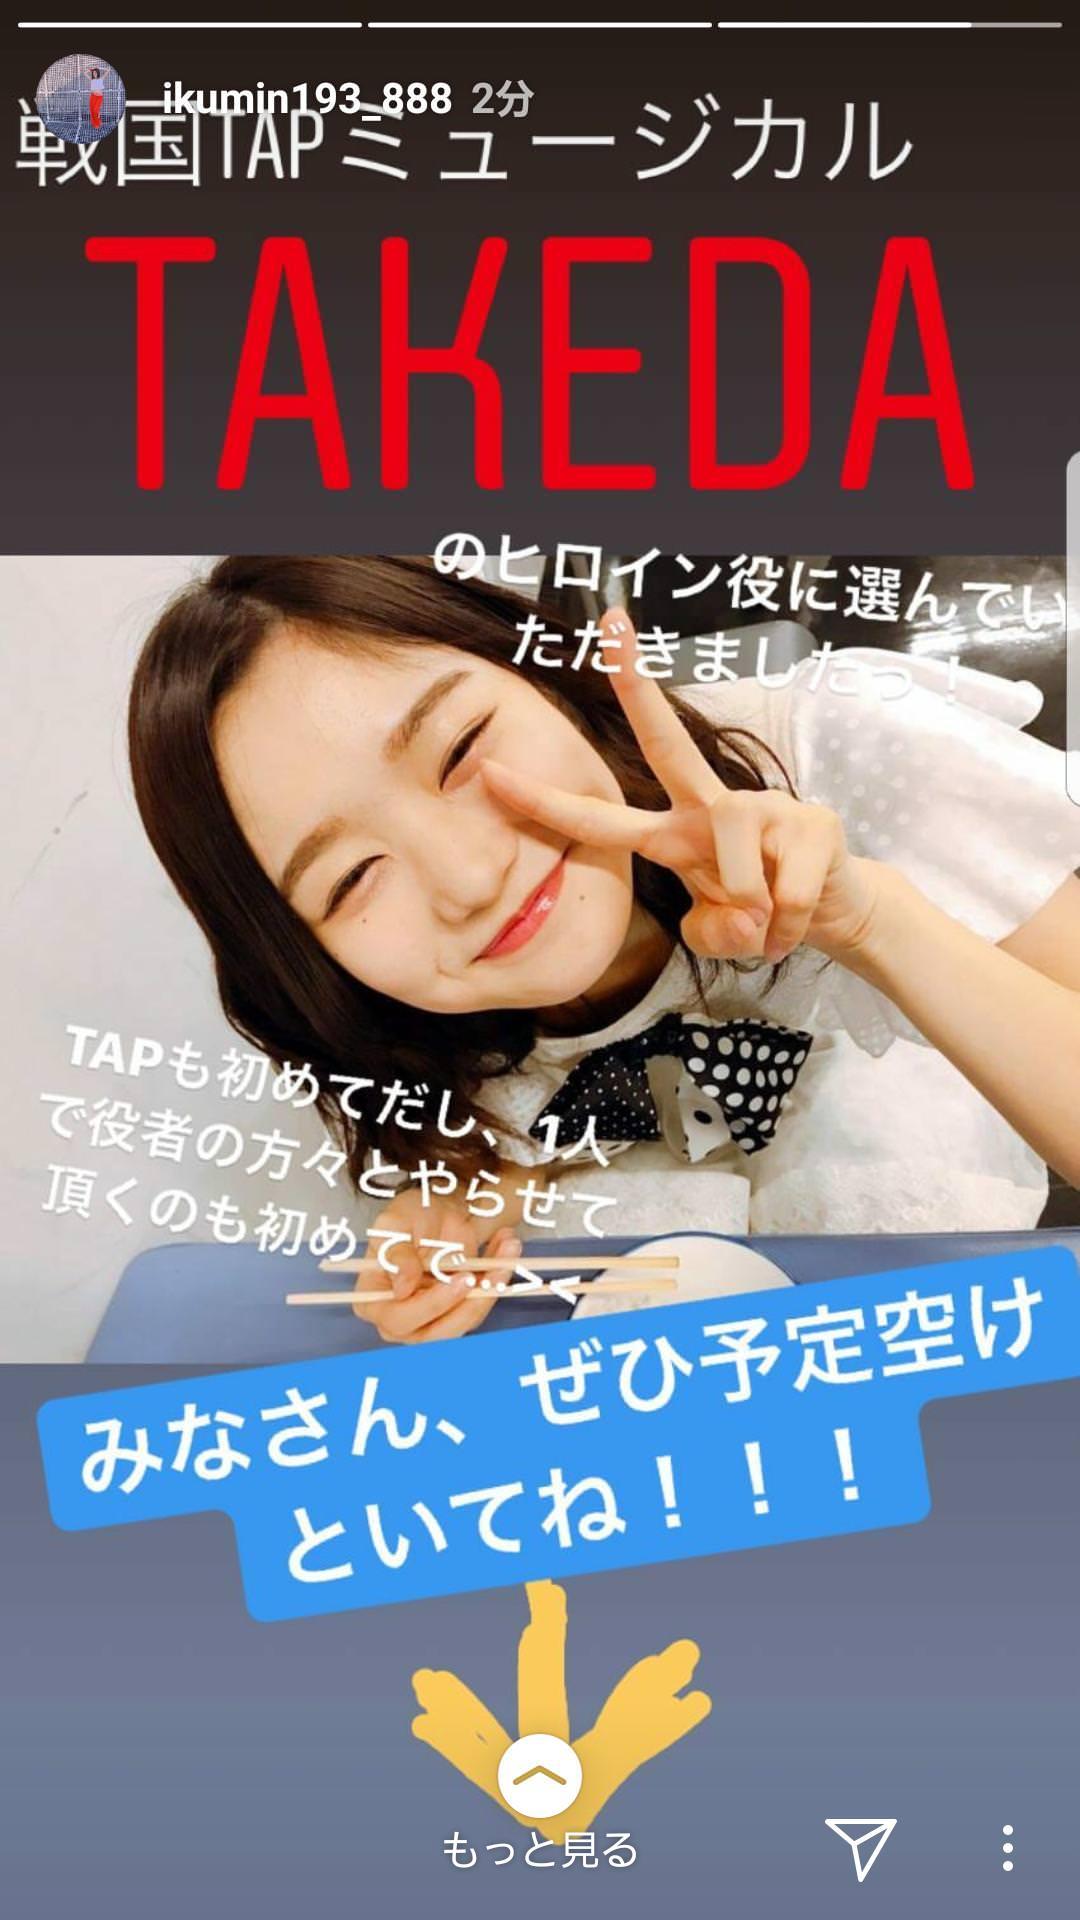 【朗報】チーム8の中野郁海が戦国TAPミュージカル「TAKEDA」出演決定!!!